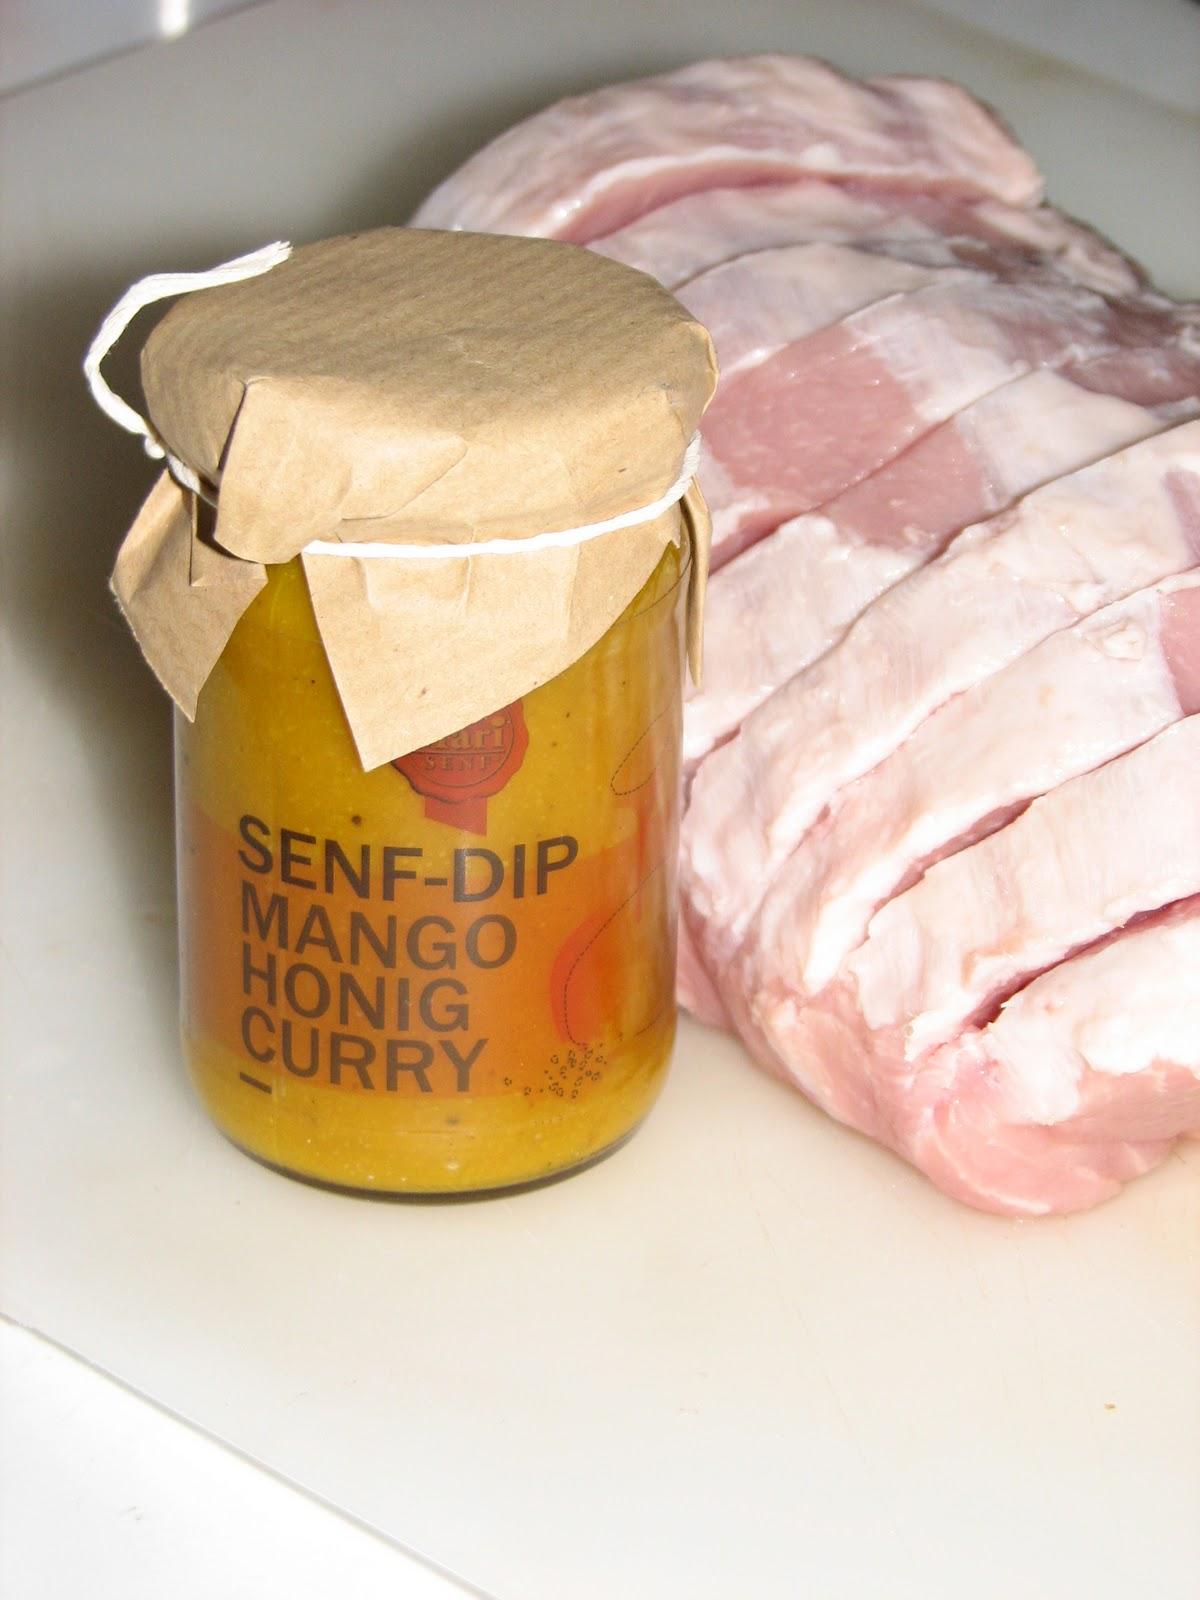 testfreak produkttest unser aller mari senf dip mango. Black Bedroom Furniture Sets. Home Design Ideas